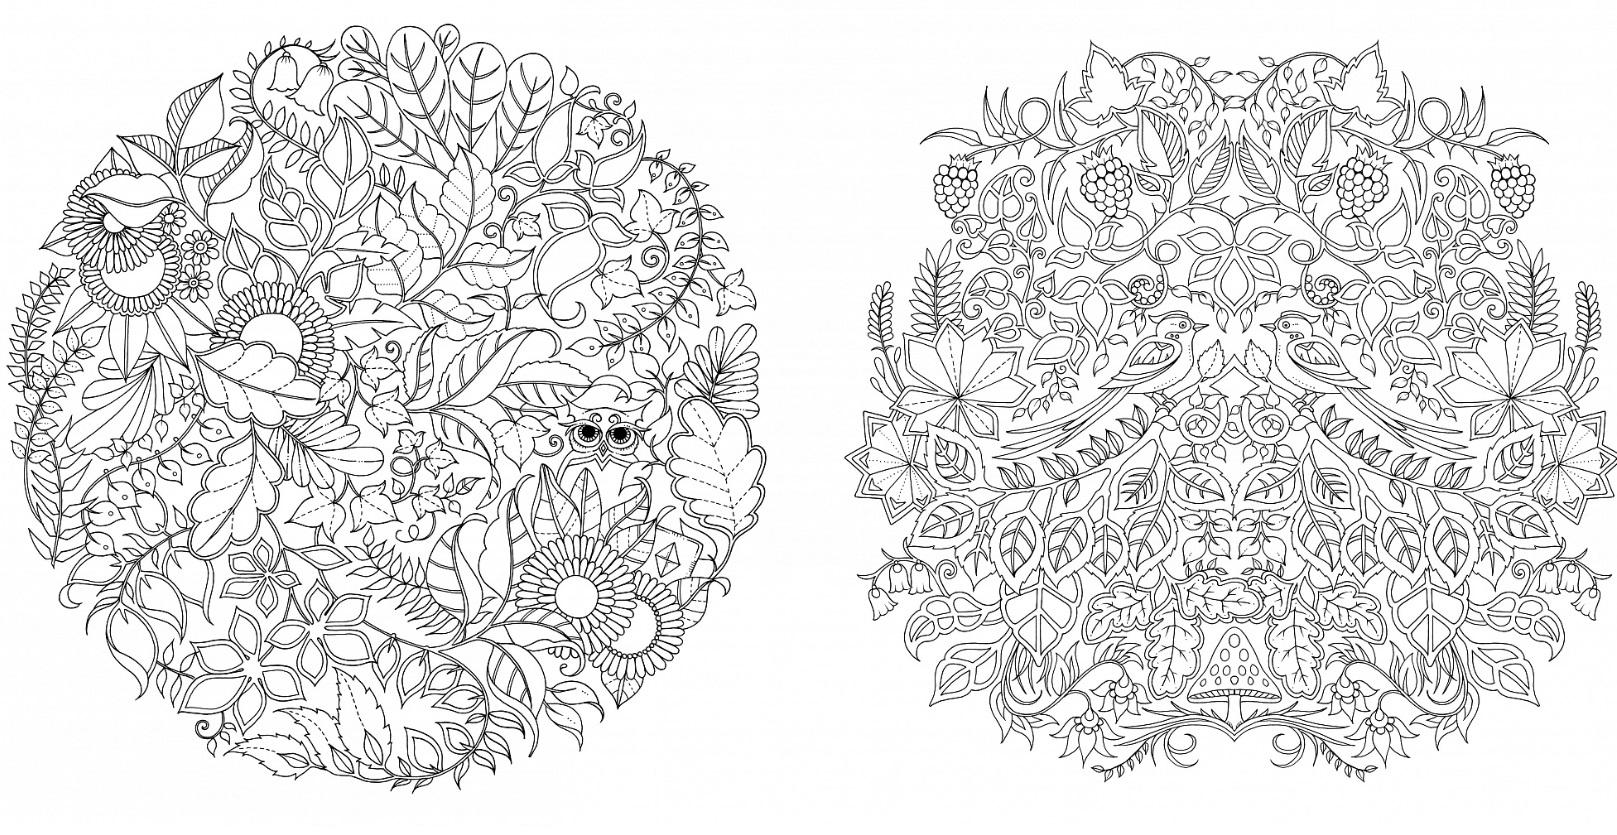 Раскраска джоанны басфорд зачарованный лес образцы раскраски, держатели настенных для